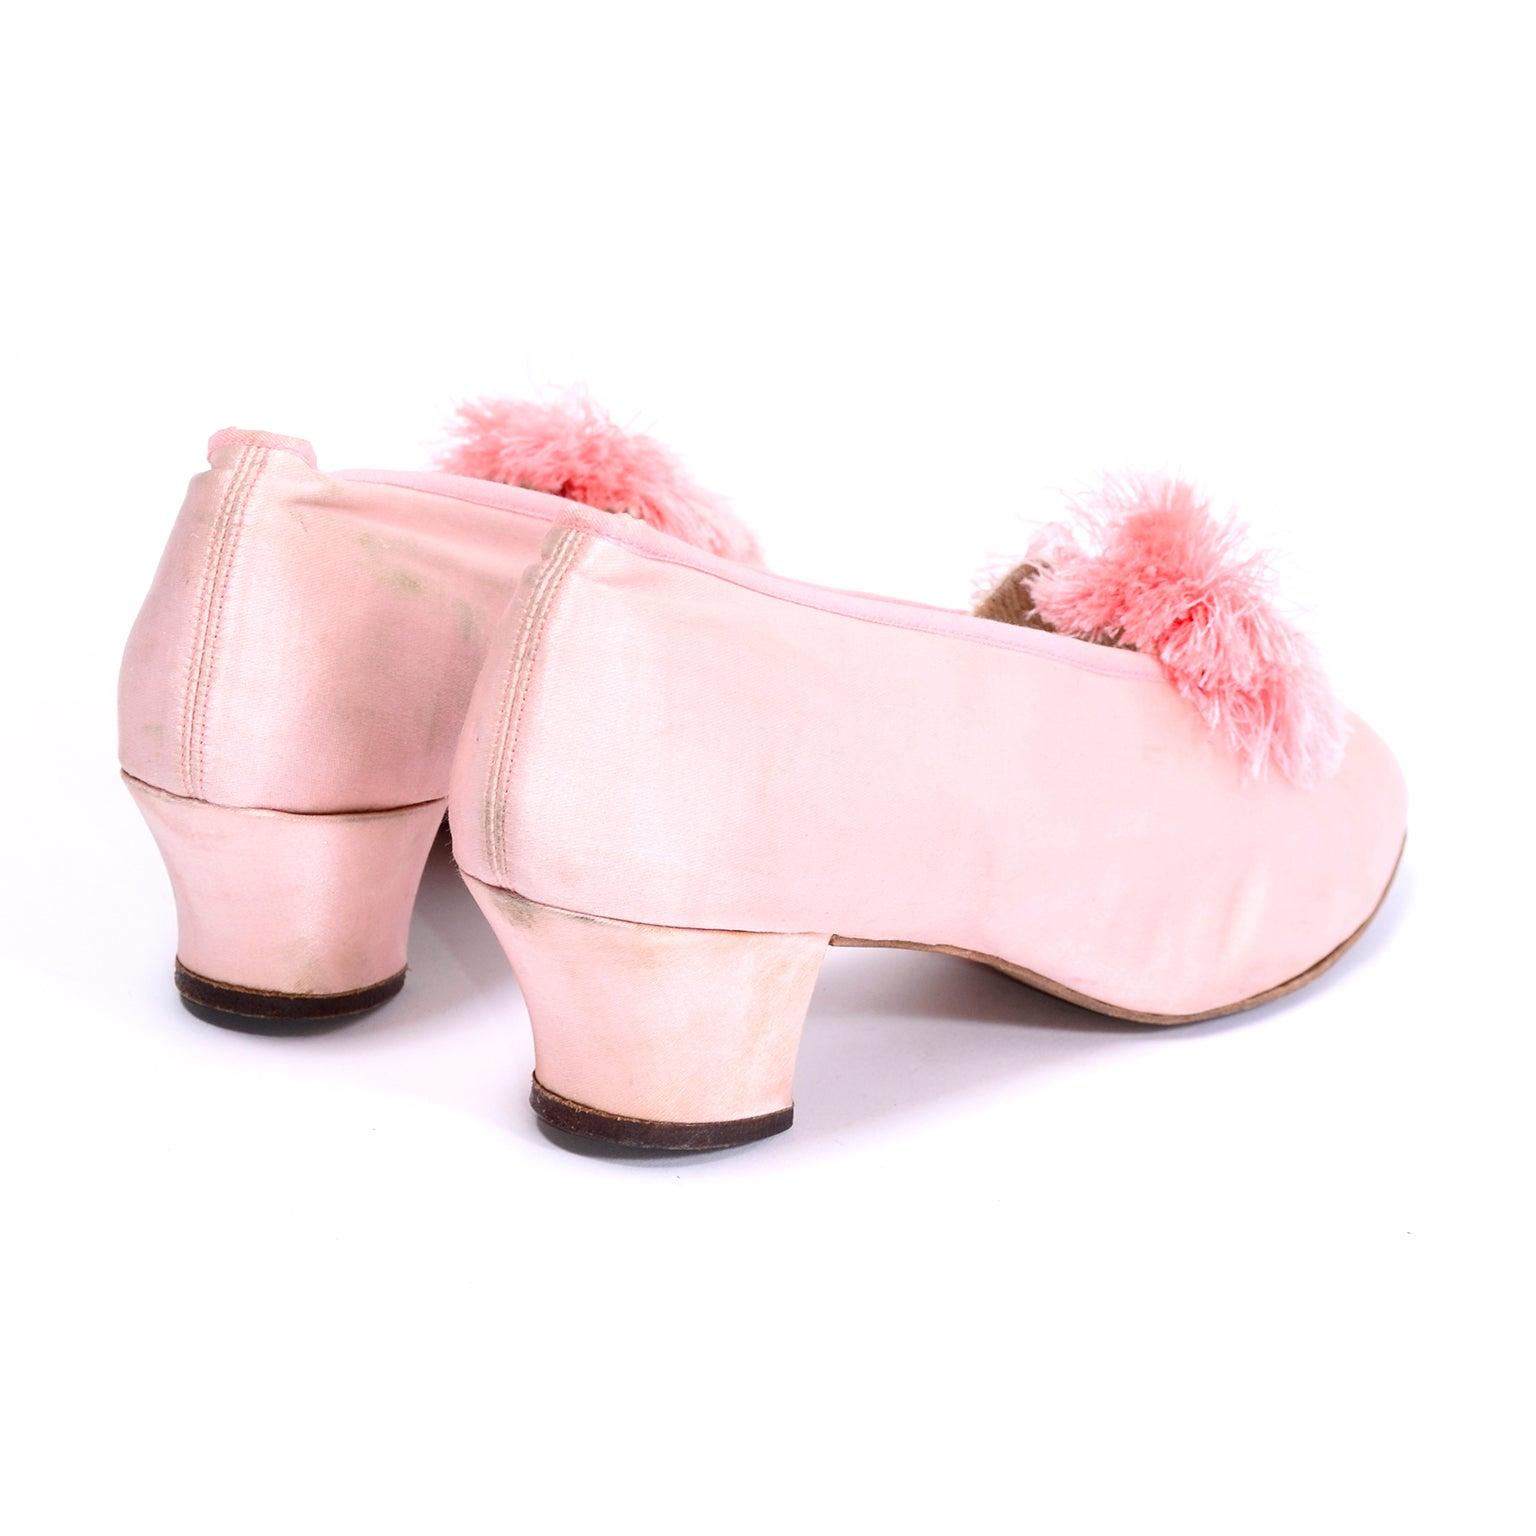 Marshall Field Edwardian Pink Satin Vintage Shoes With Pom Poms 7 High Heel Slides Pompoms For Sale At 1stdibs